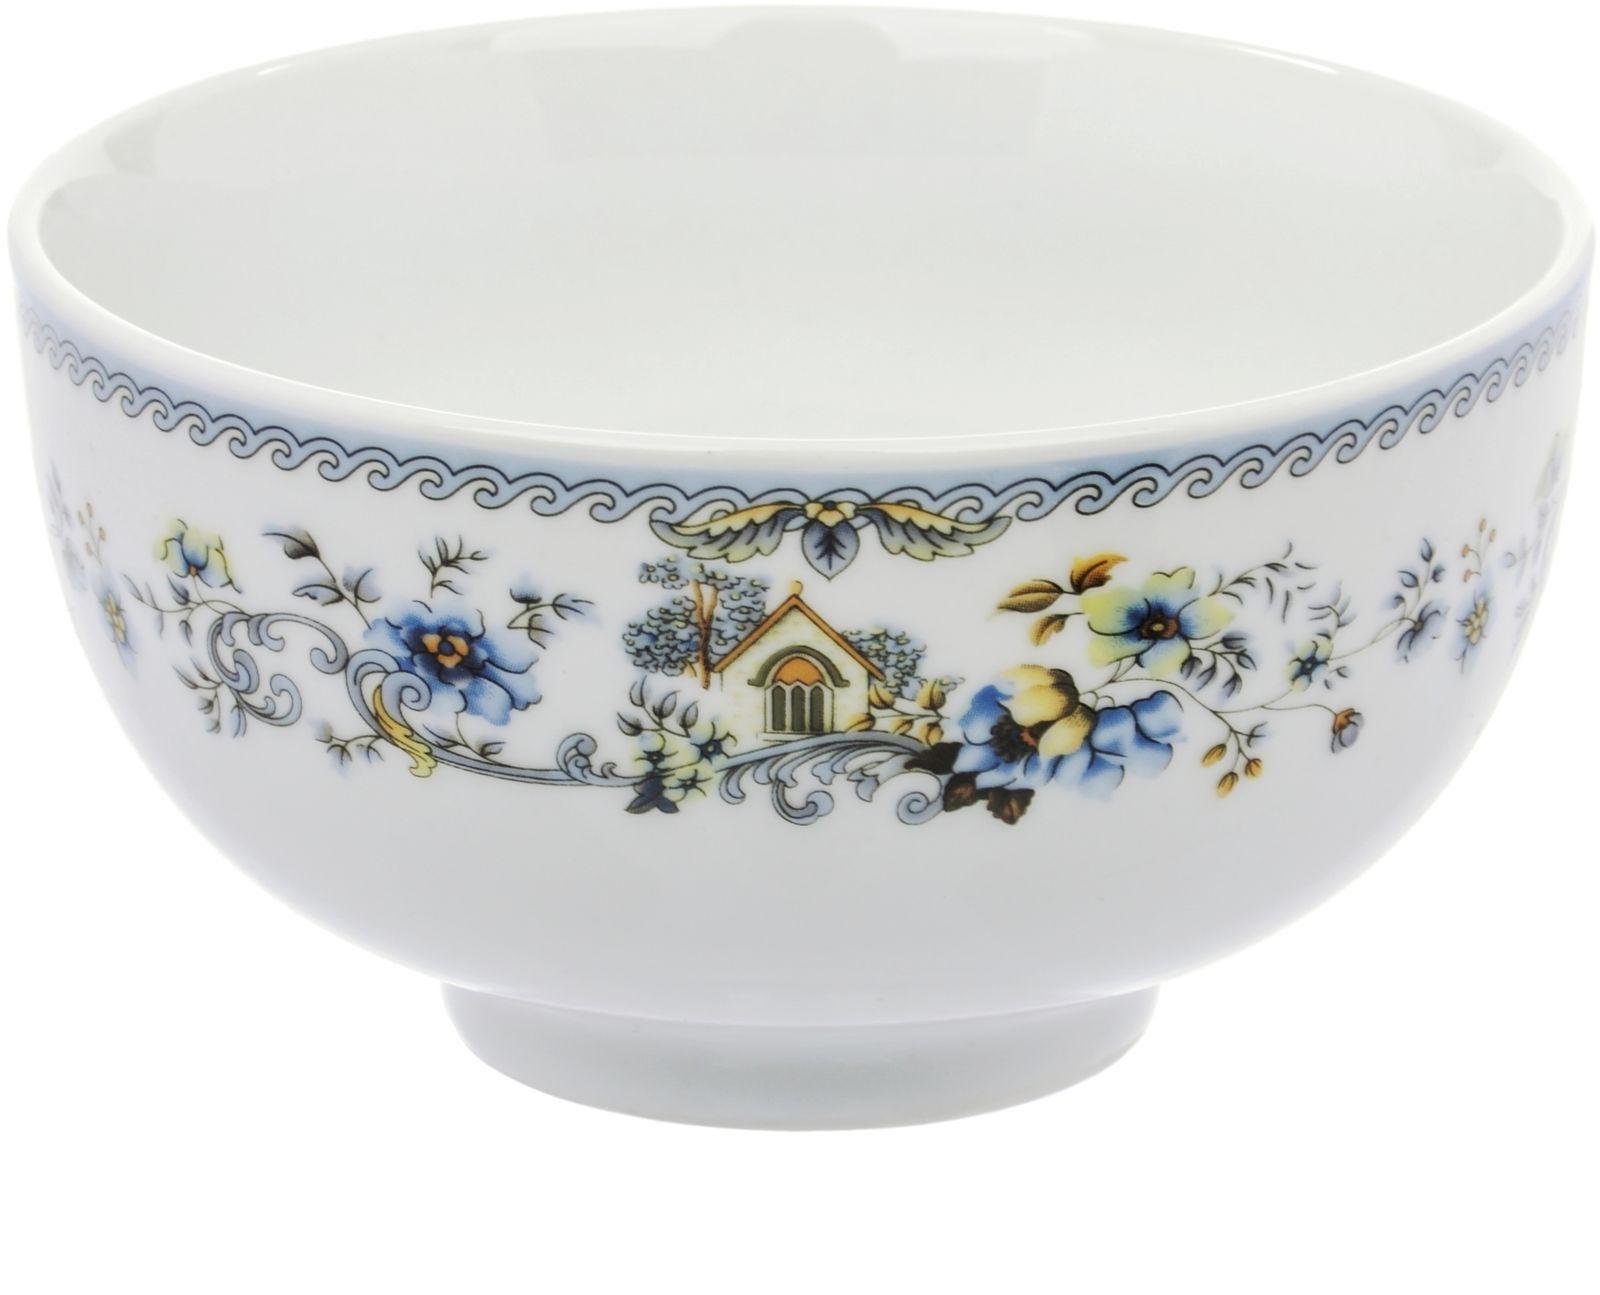 Салатник Dasen, белый, 11,5 см посуда